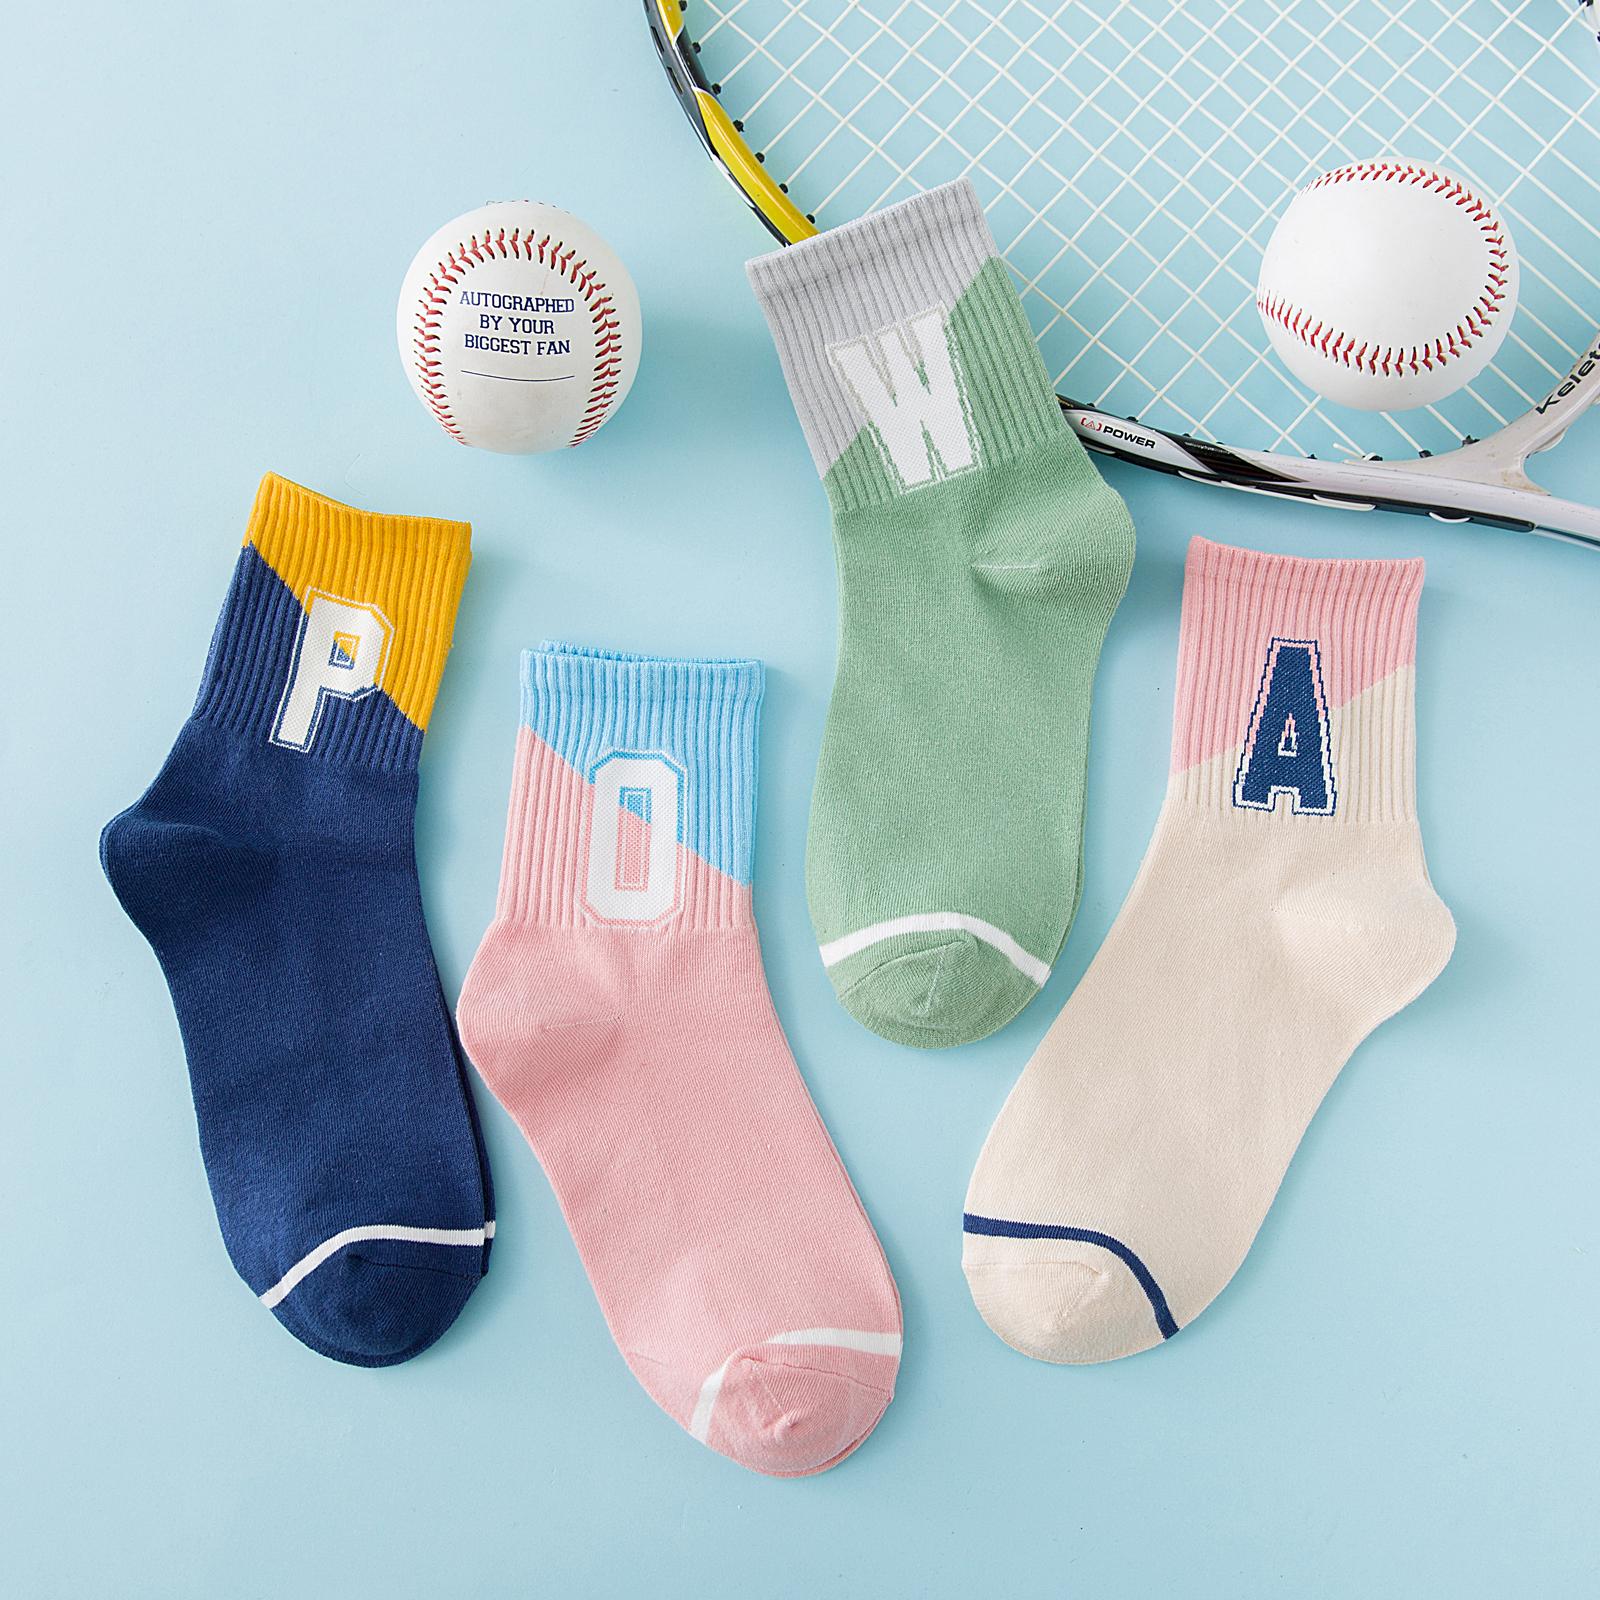 袜子女中筒袜运动风秋冬季棒球滑板长筒袜ins潮街头纯棉百搭韩国